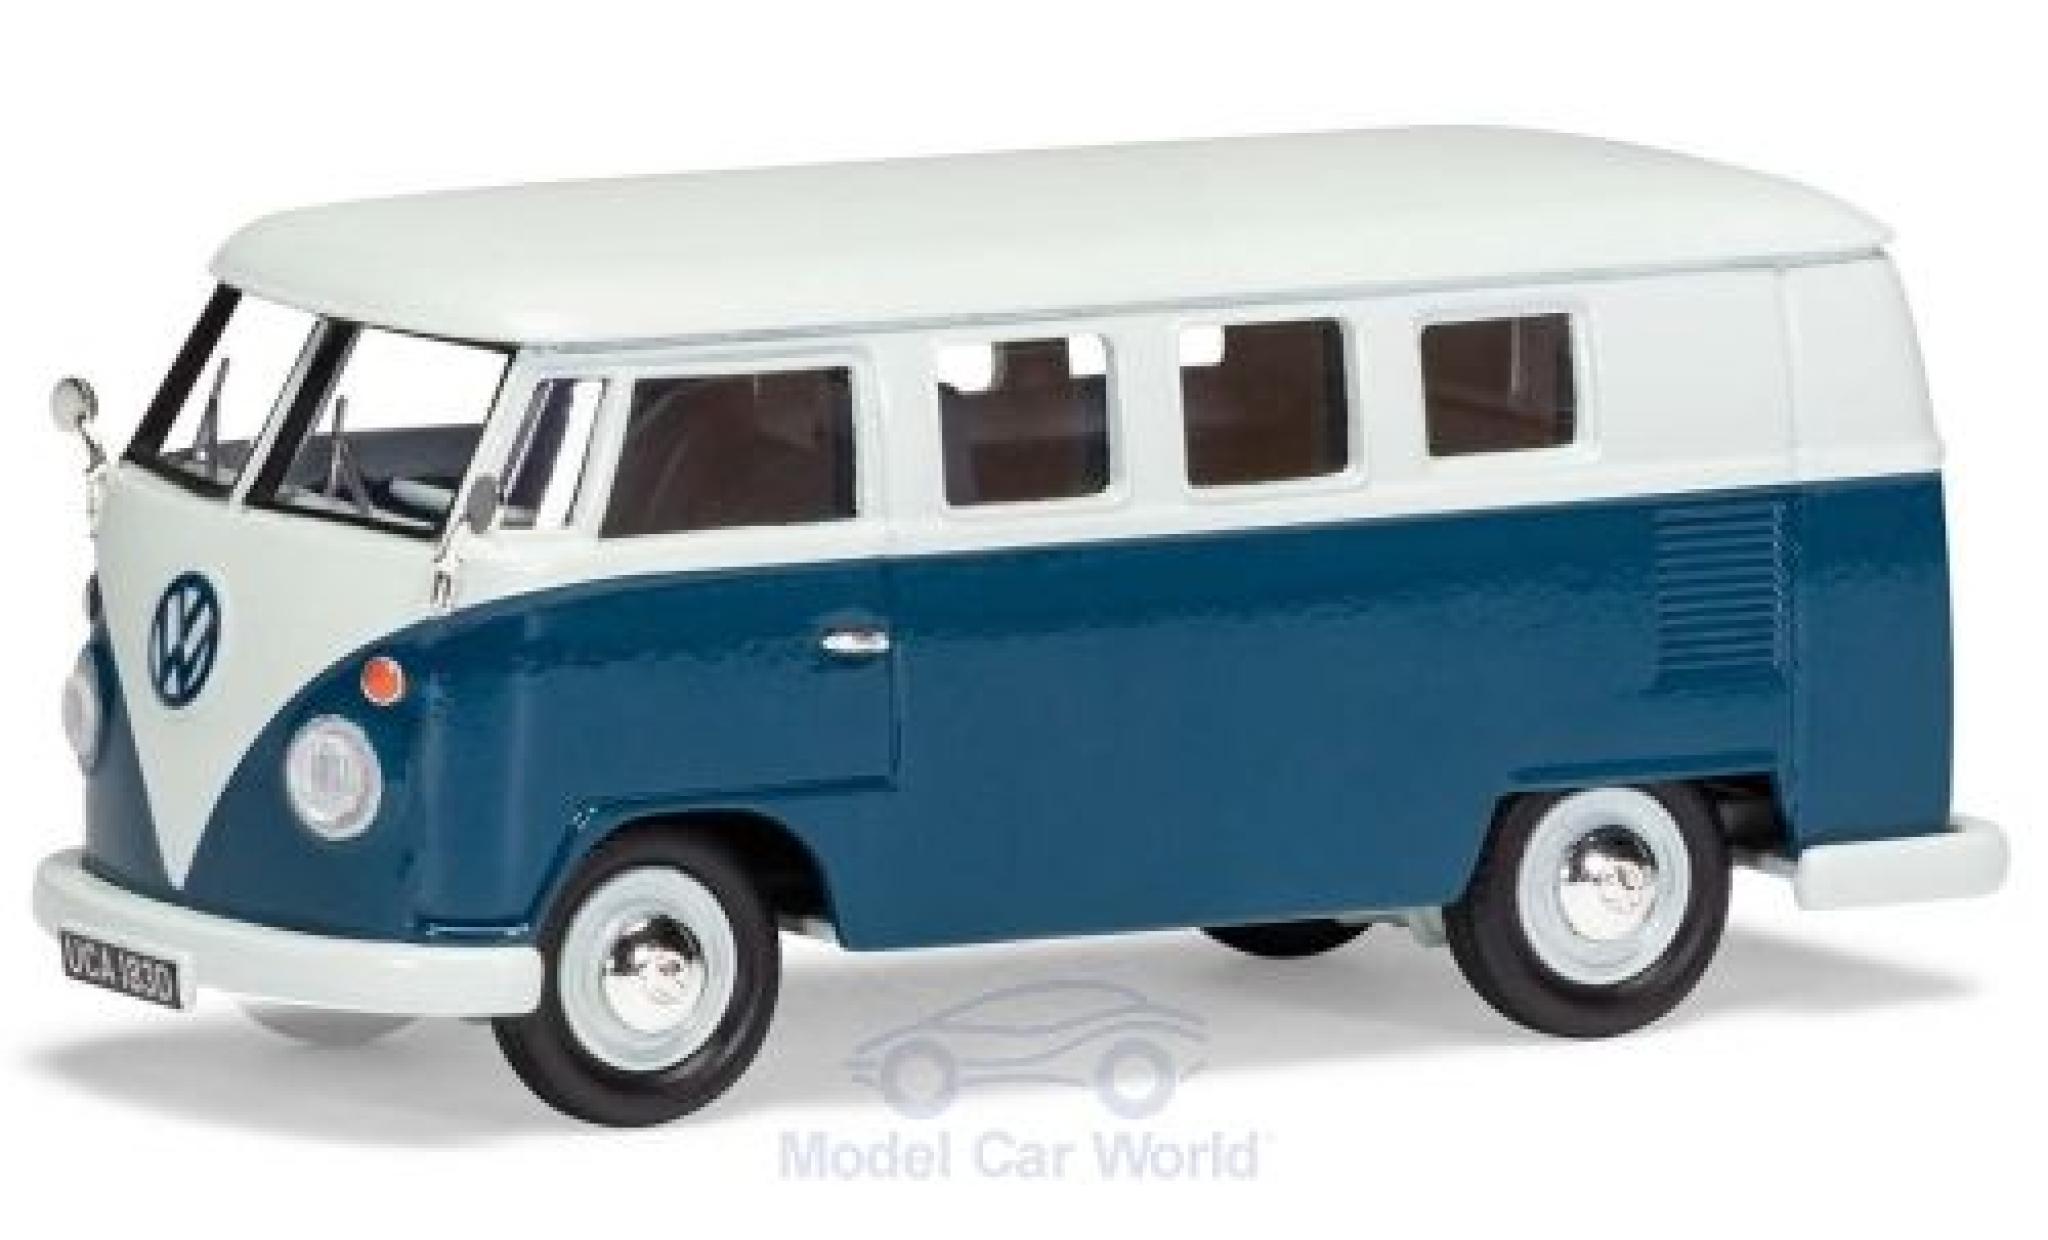 Volkswagen T1 1/43 Vanguards (Typ 2) Camper white/blue RHD